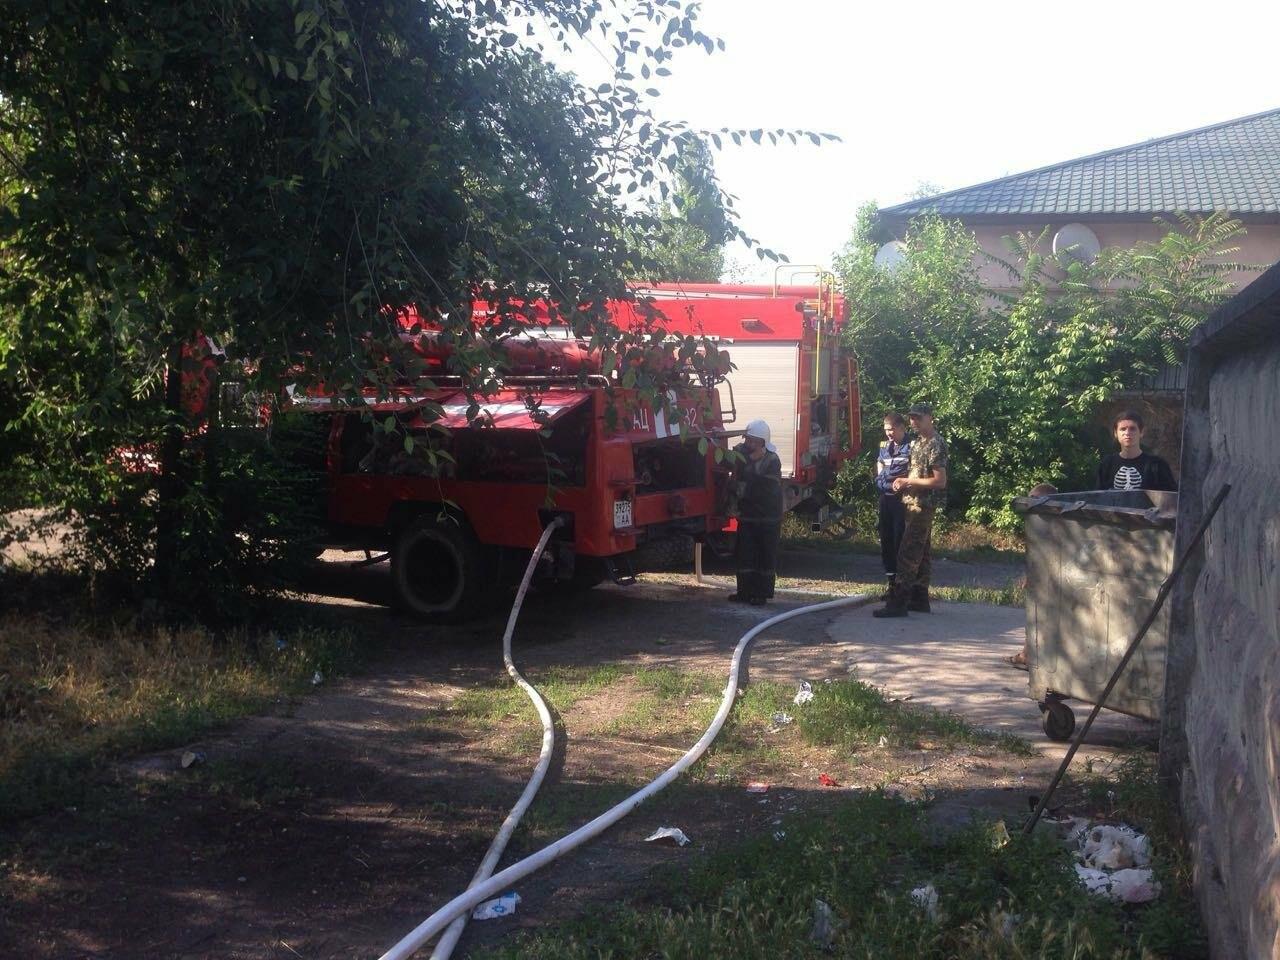 Возле одного из жилых домов в Кривом Роге вспыхнули подсобные помещения, - ФОТО, фото-3